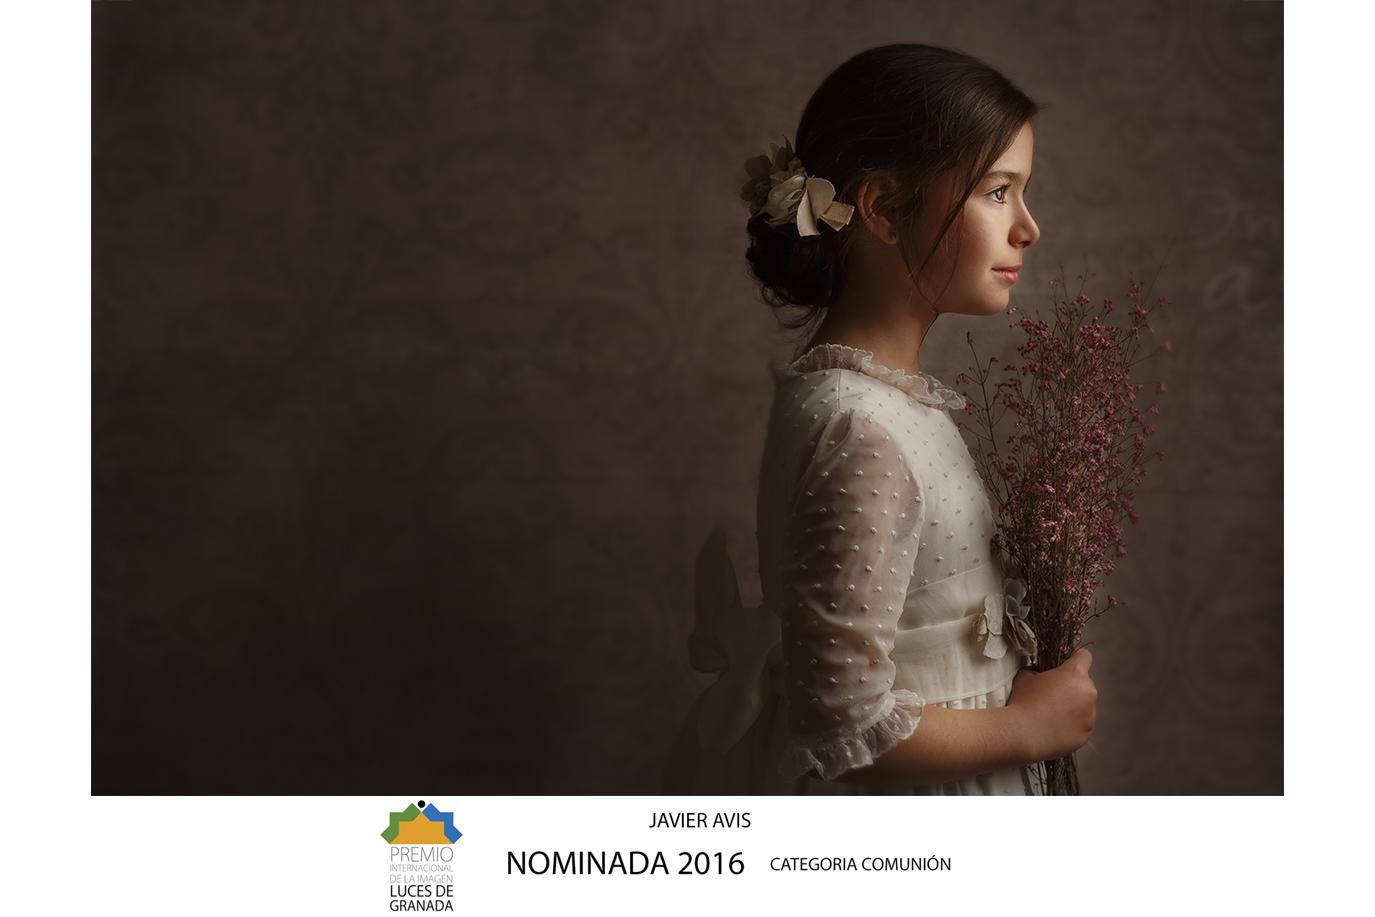 Finalista al Premio Internacional Luces de Granada.